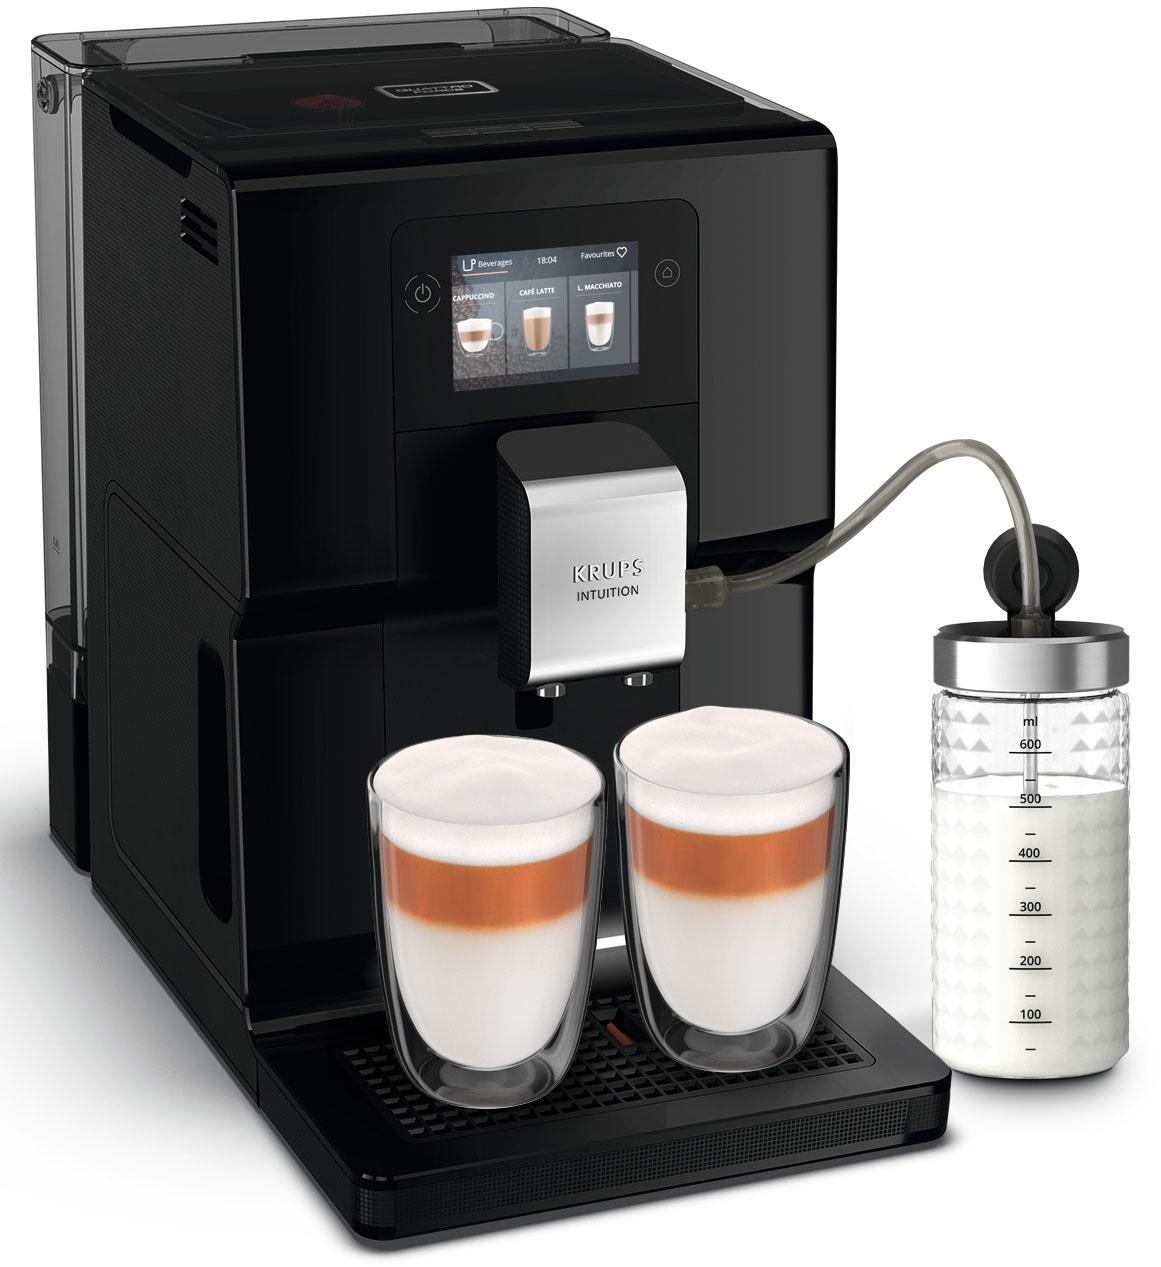 Krups Kaffeevollautomat EA8738 Intuition Preference, inkl. Milchbehälter und smartphoneähnlichem Farb-Touchscreen 11 einstellbare Getränkeoptionen